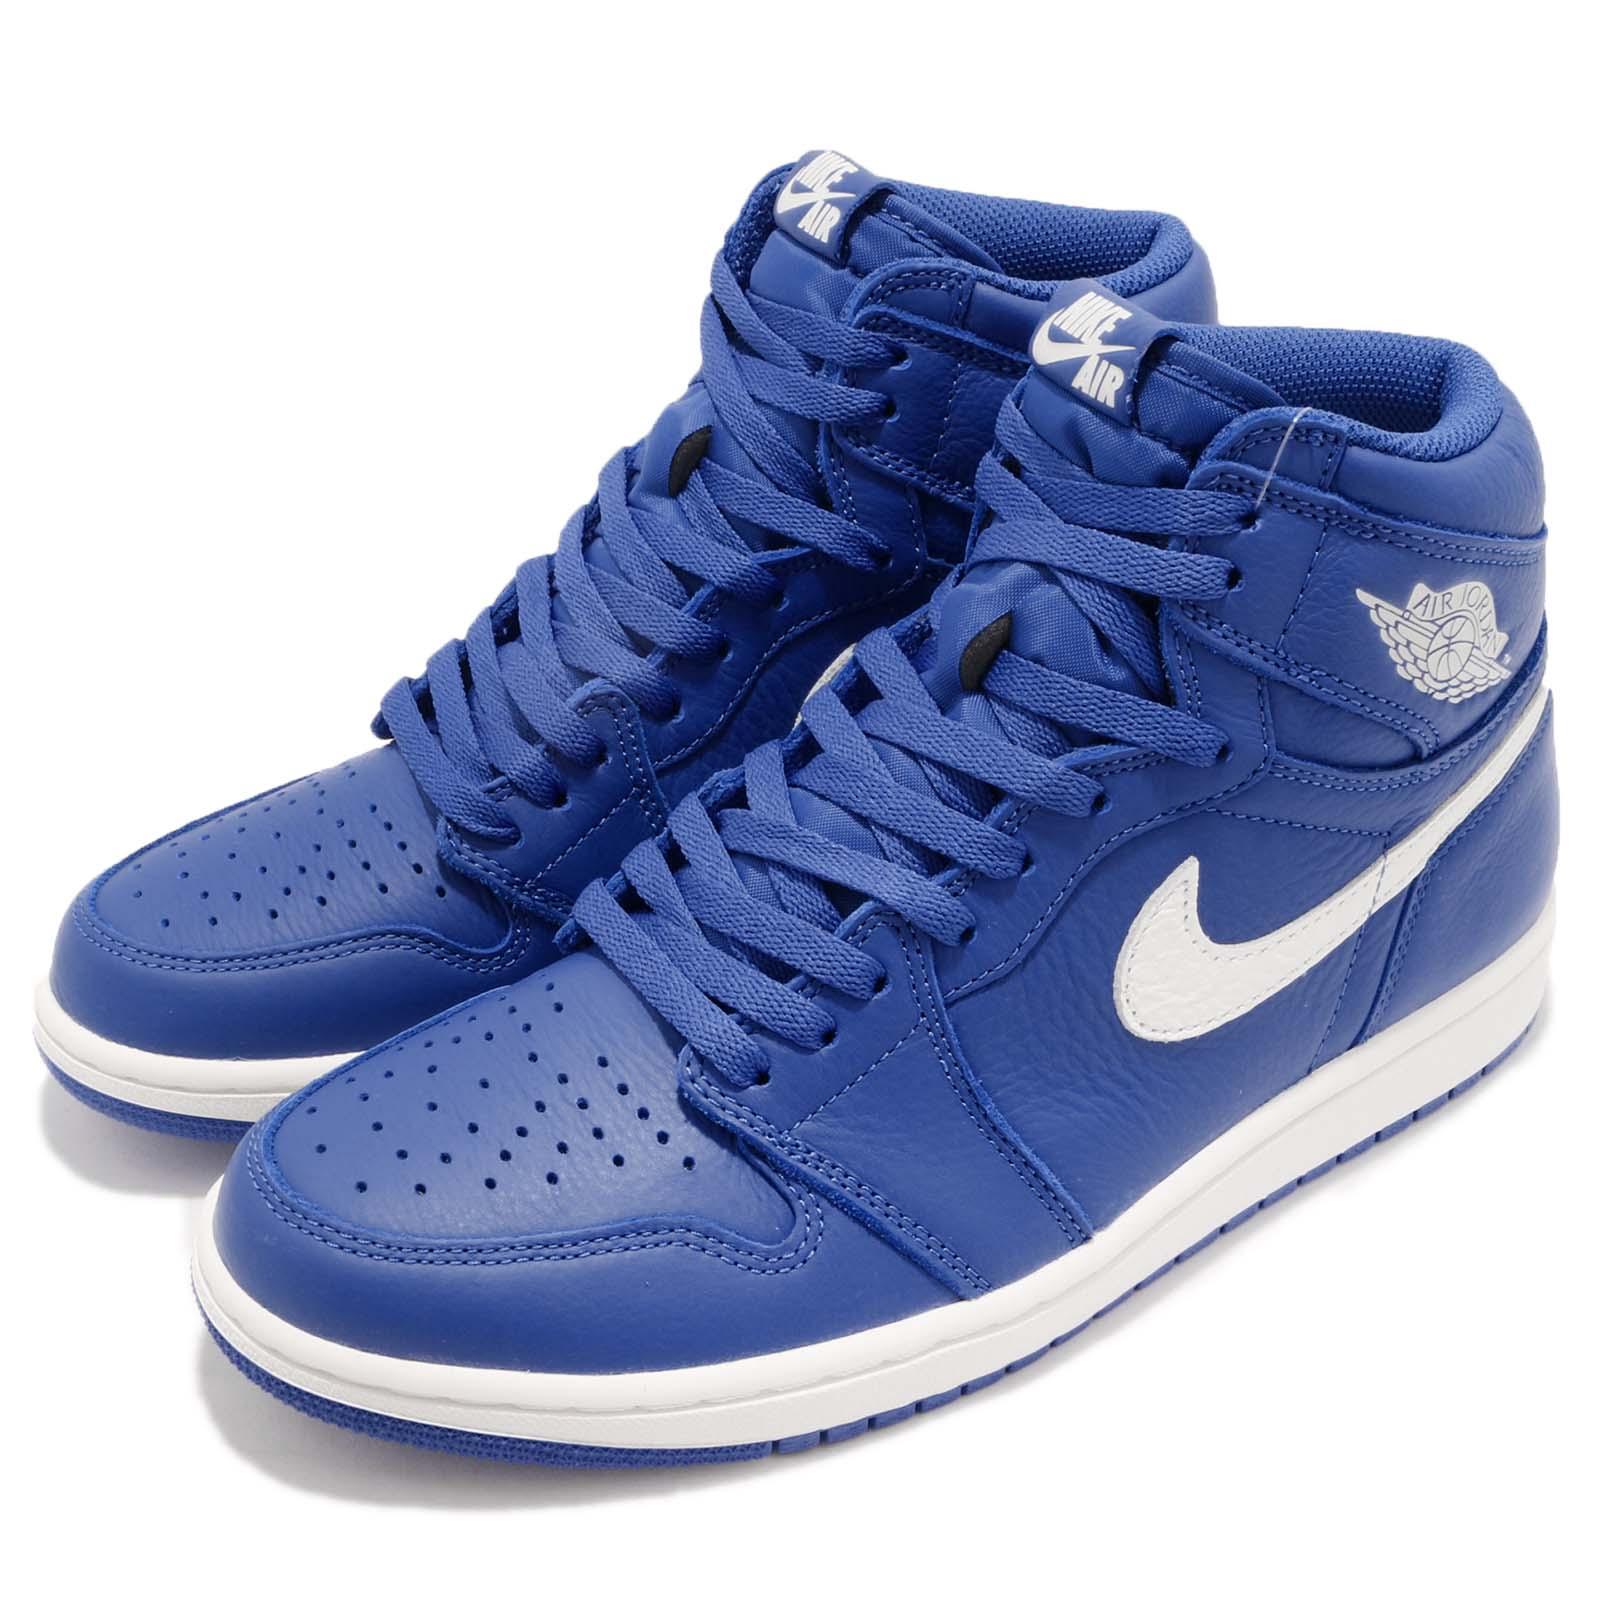 Nike 籃球鞋 Jordan 1 Retro 男鞋 555088-401